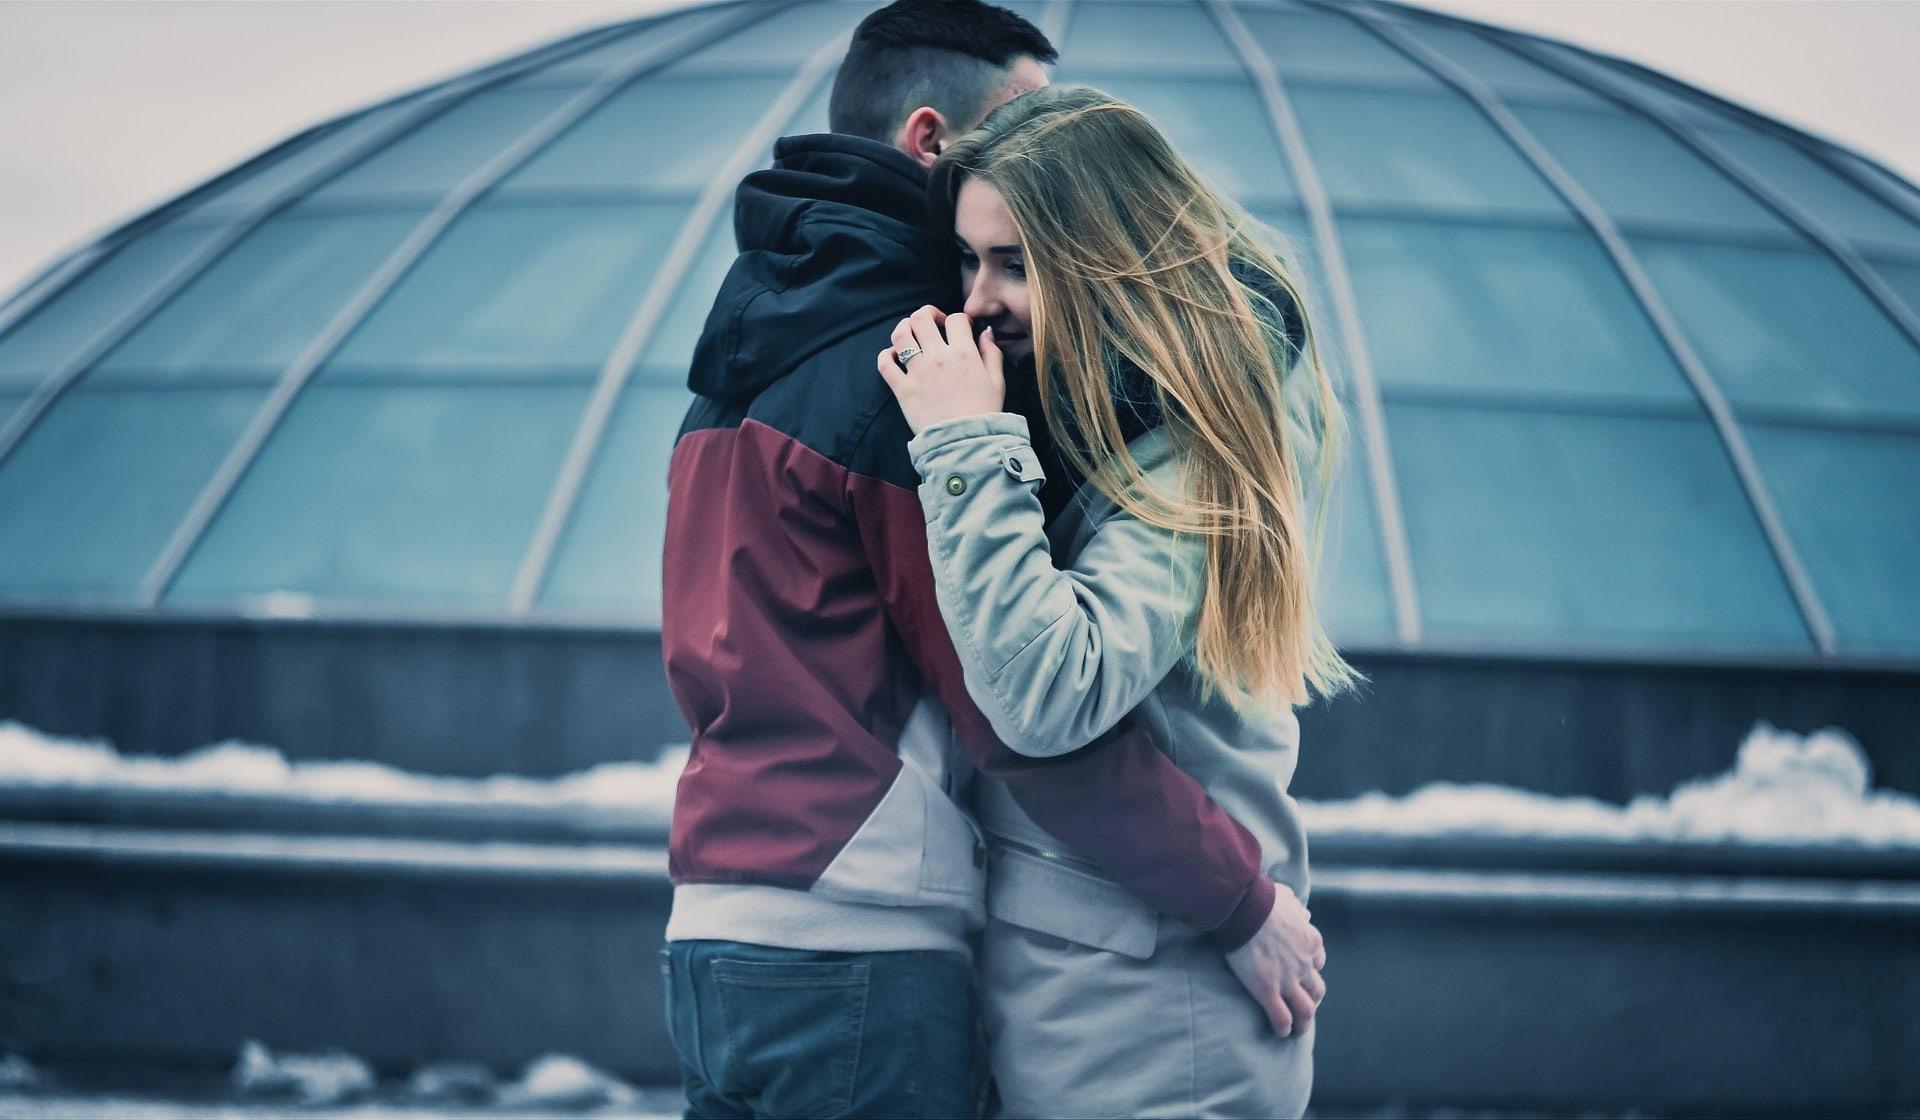 Девушкам важно чувствовать искренний интерес мужчины